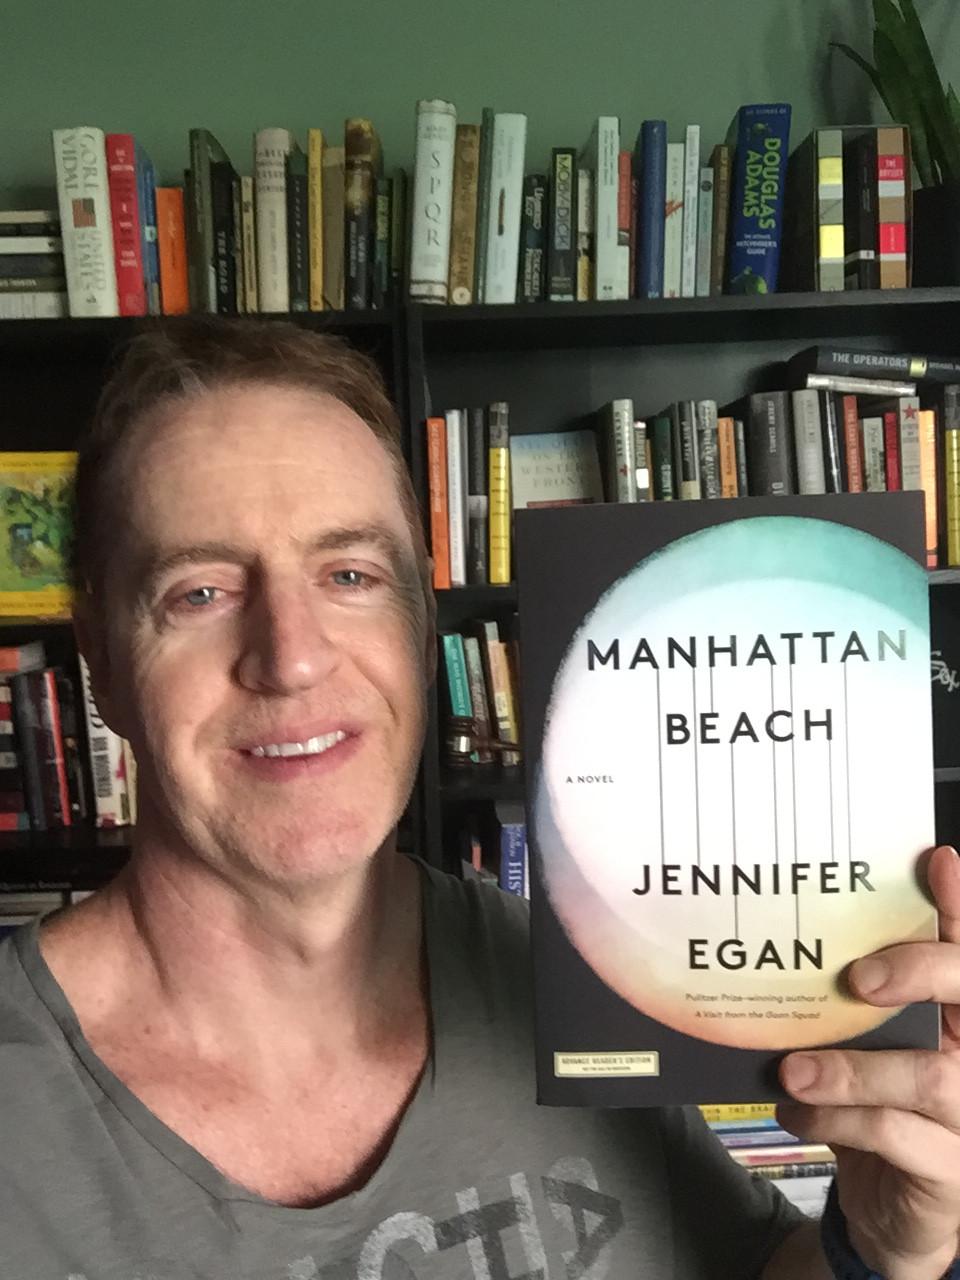 Manhattan Beach Jennifer Egan Dave Cullen novel